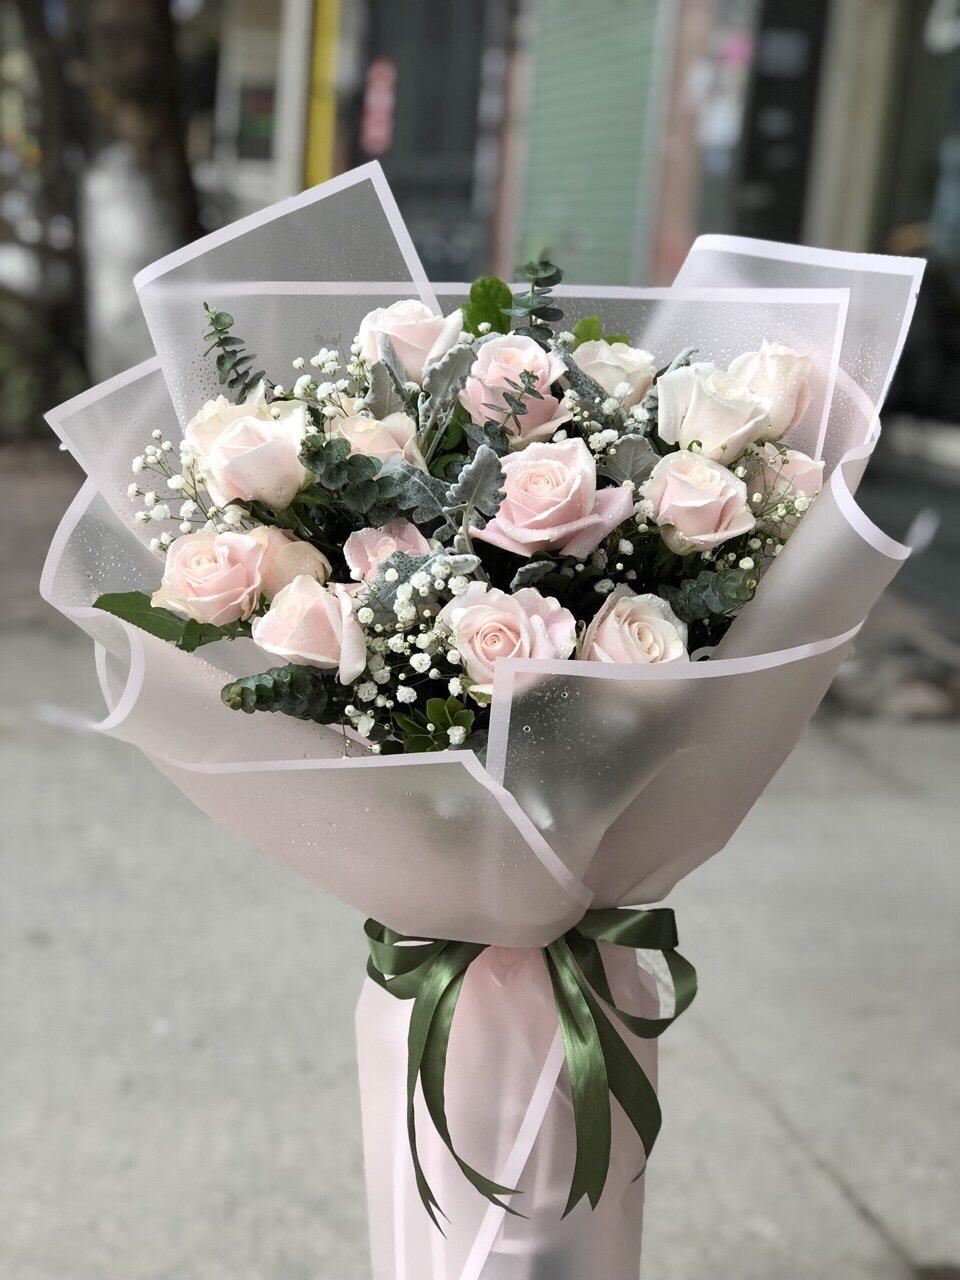 Bó hoa hồng kem nhẹ nhàng tặng chúc mừng